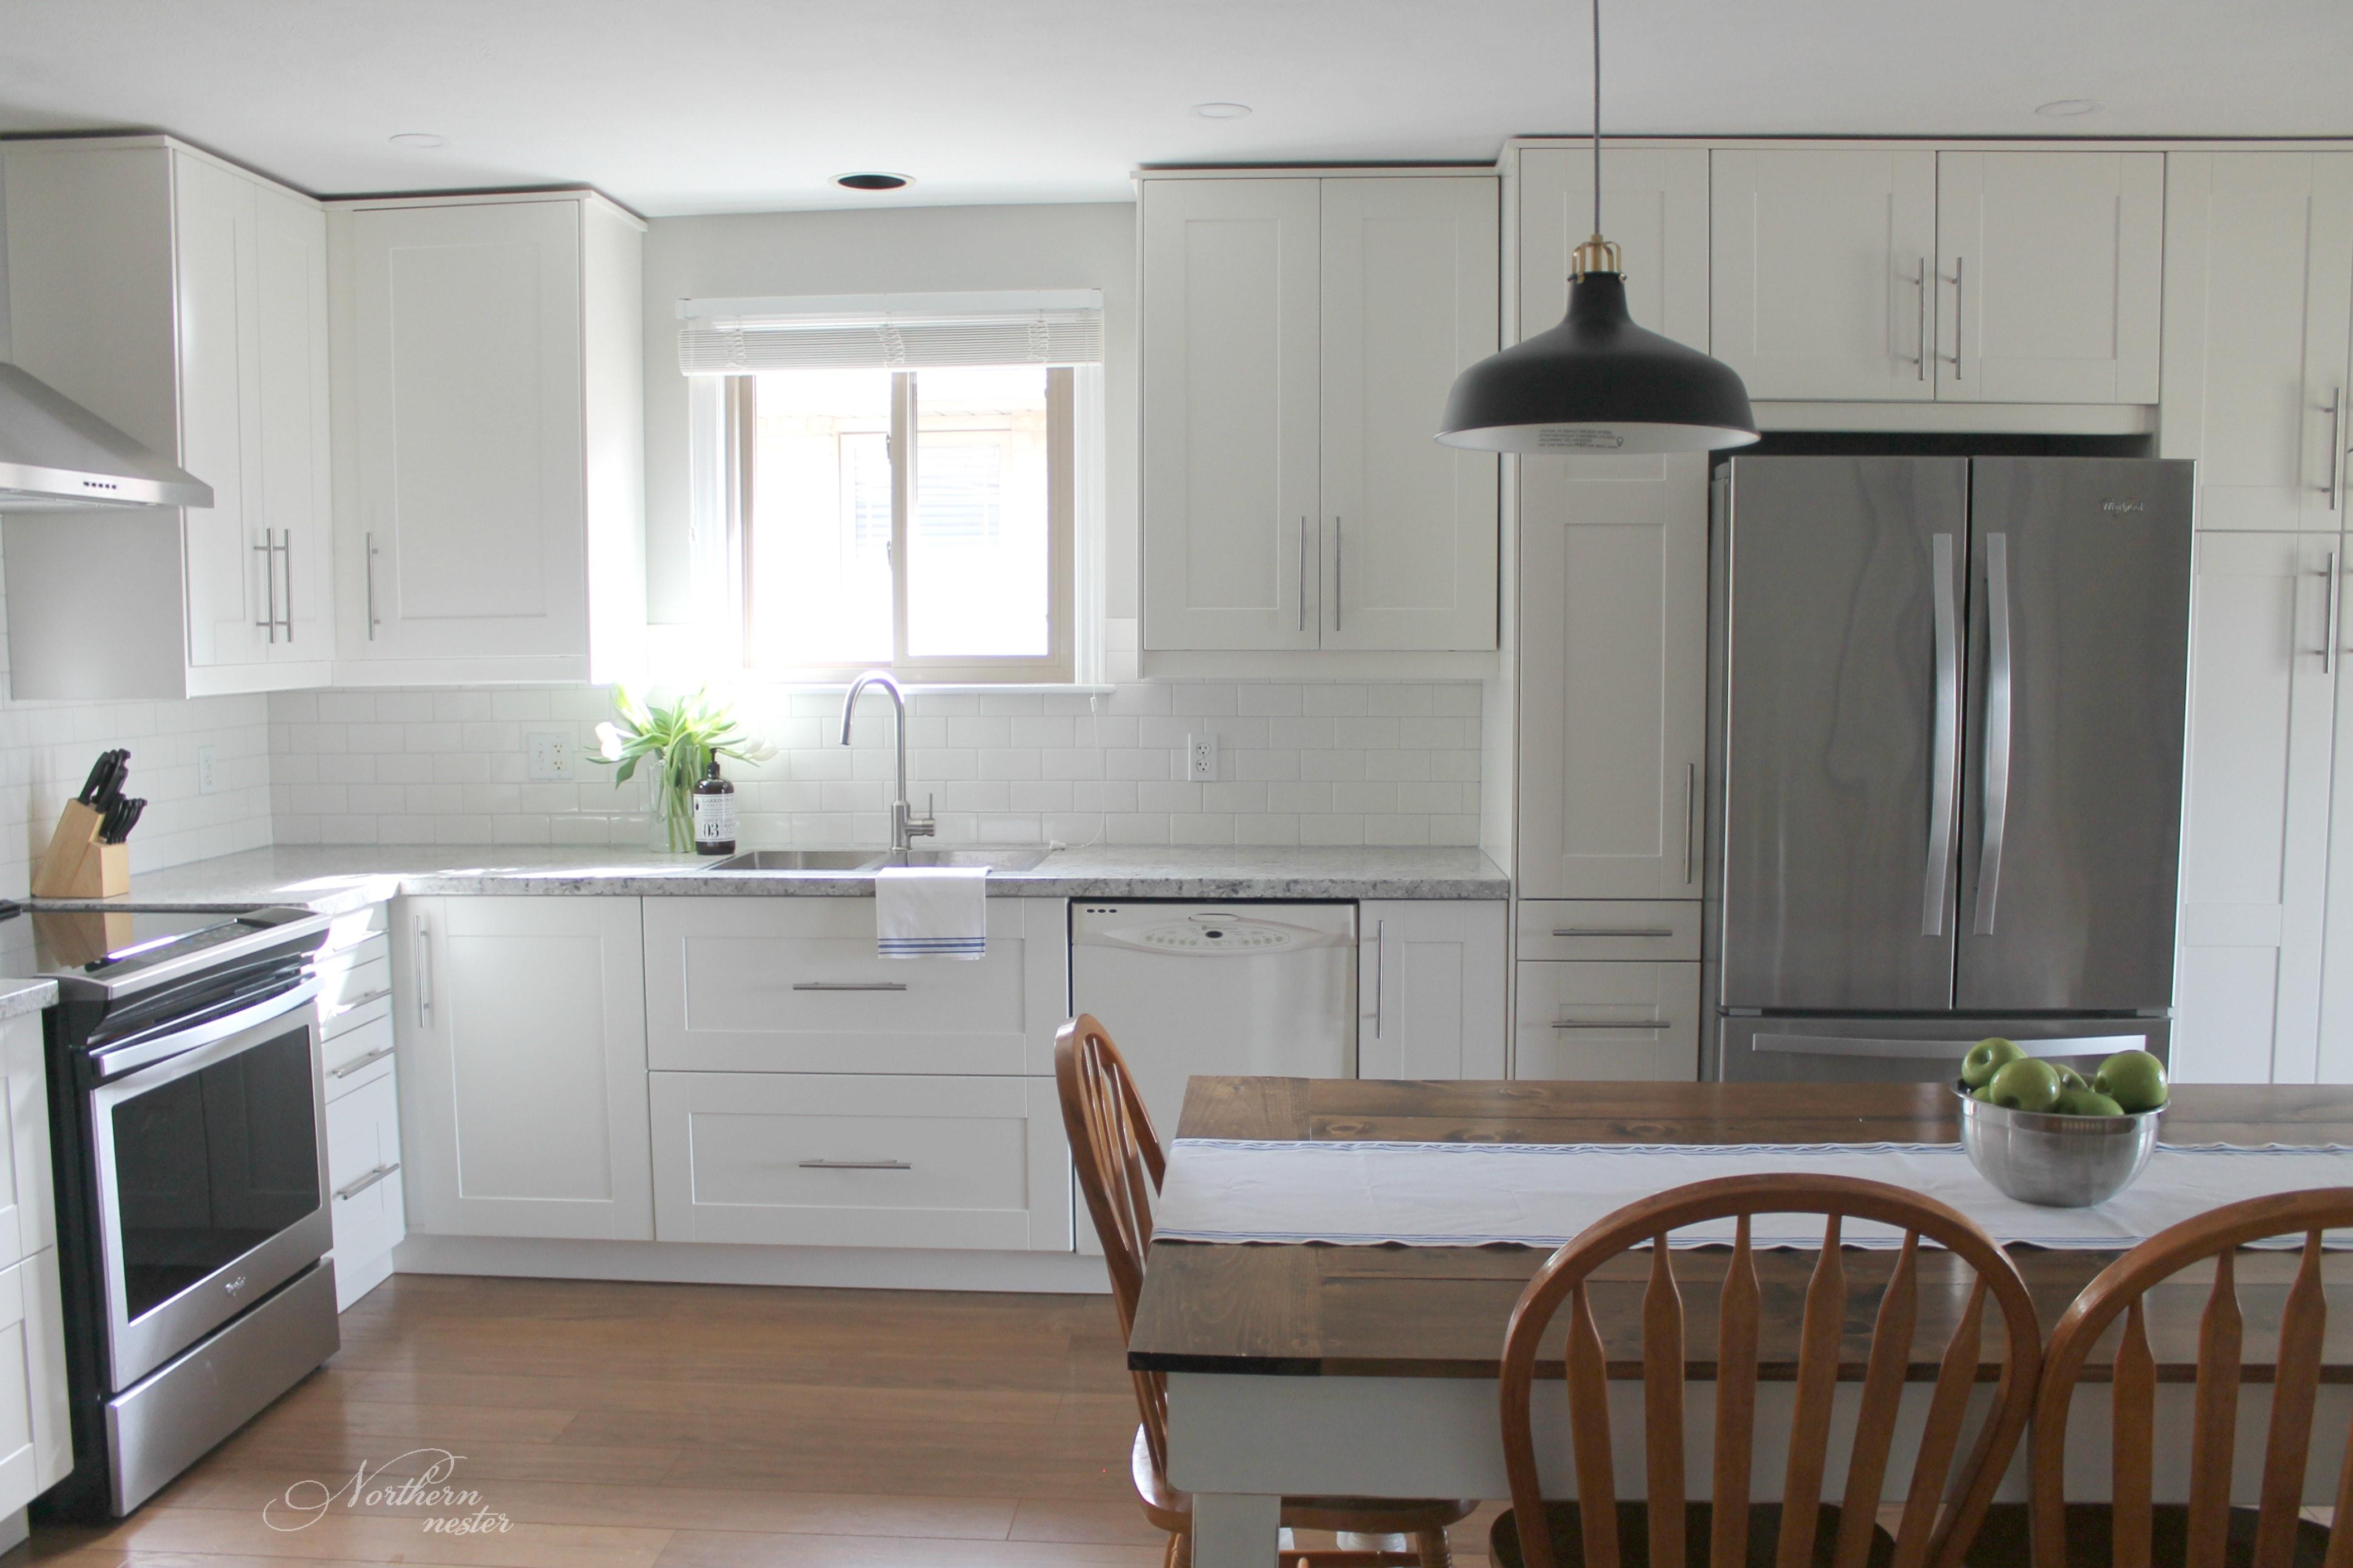 Construir Mi Cocina Ikea - Novocom.top